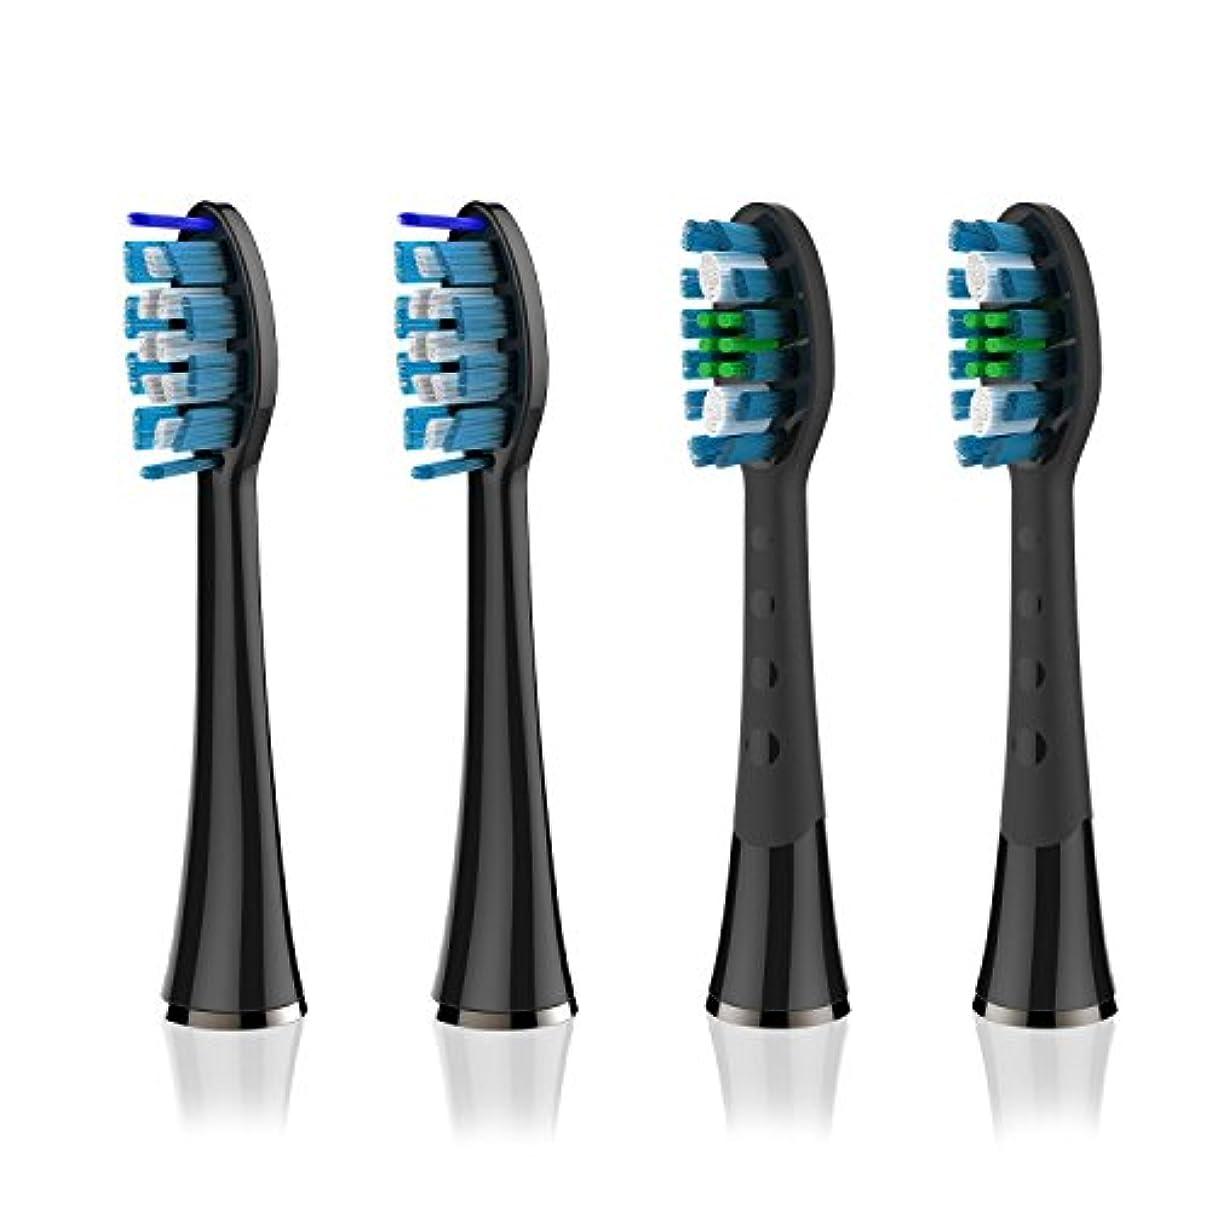 絶対の見る履歴書Soincool 電動歯ブラシ用 替えブラシ 2*ディープクリーング 2*舌ブラシ 4本組 黒 (ブラック-4)